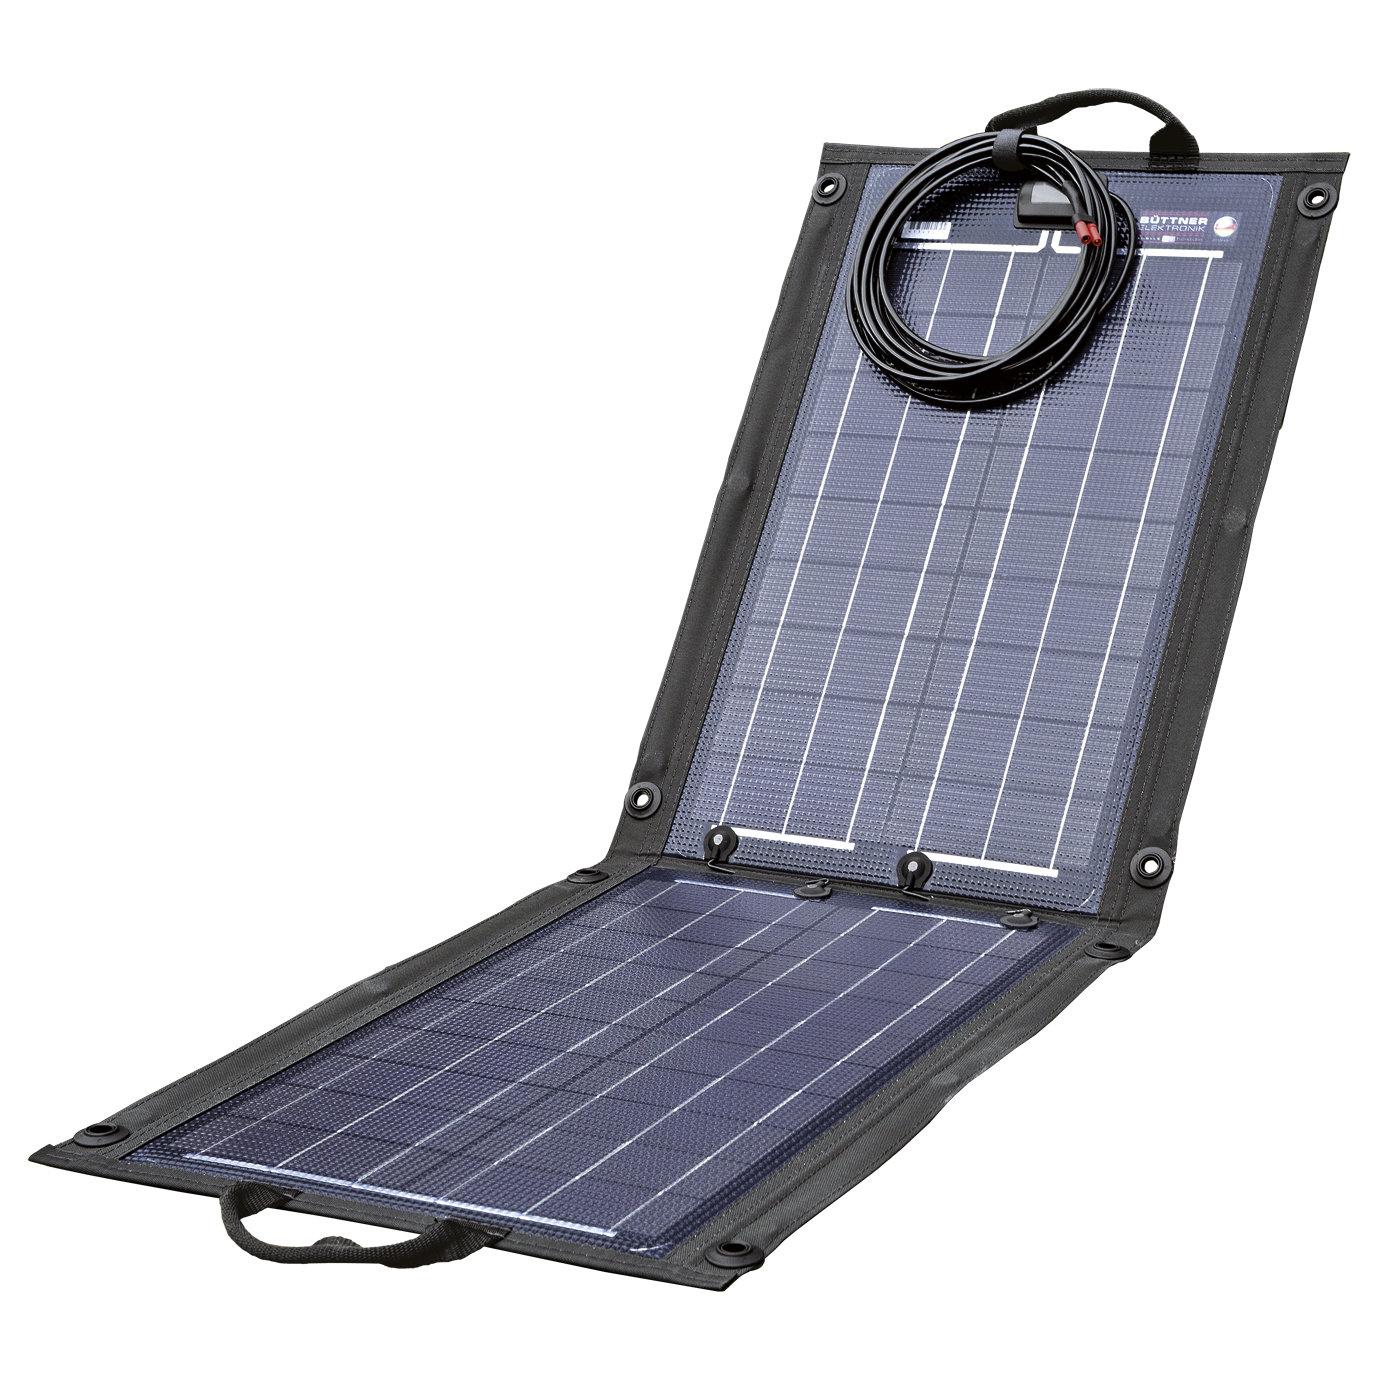 Büttner Mobiles Solarmodul MT50 Travel-Line | 04260397962015